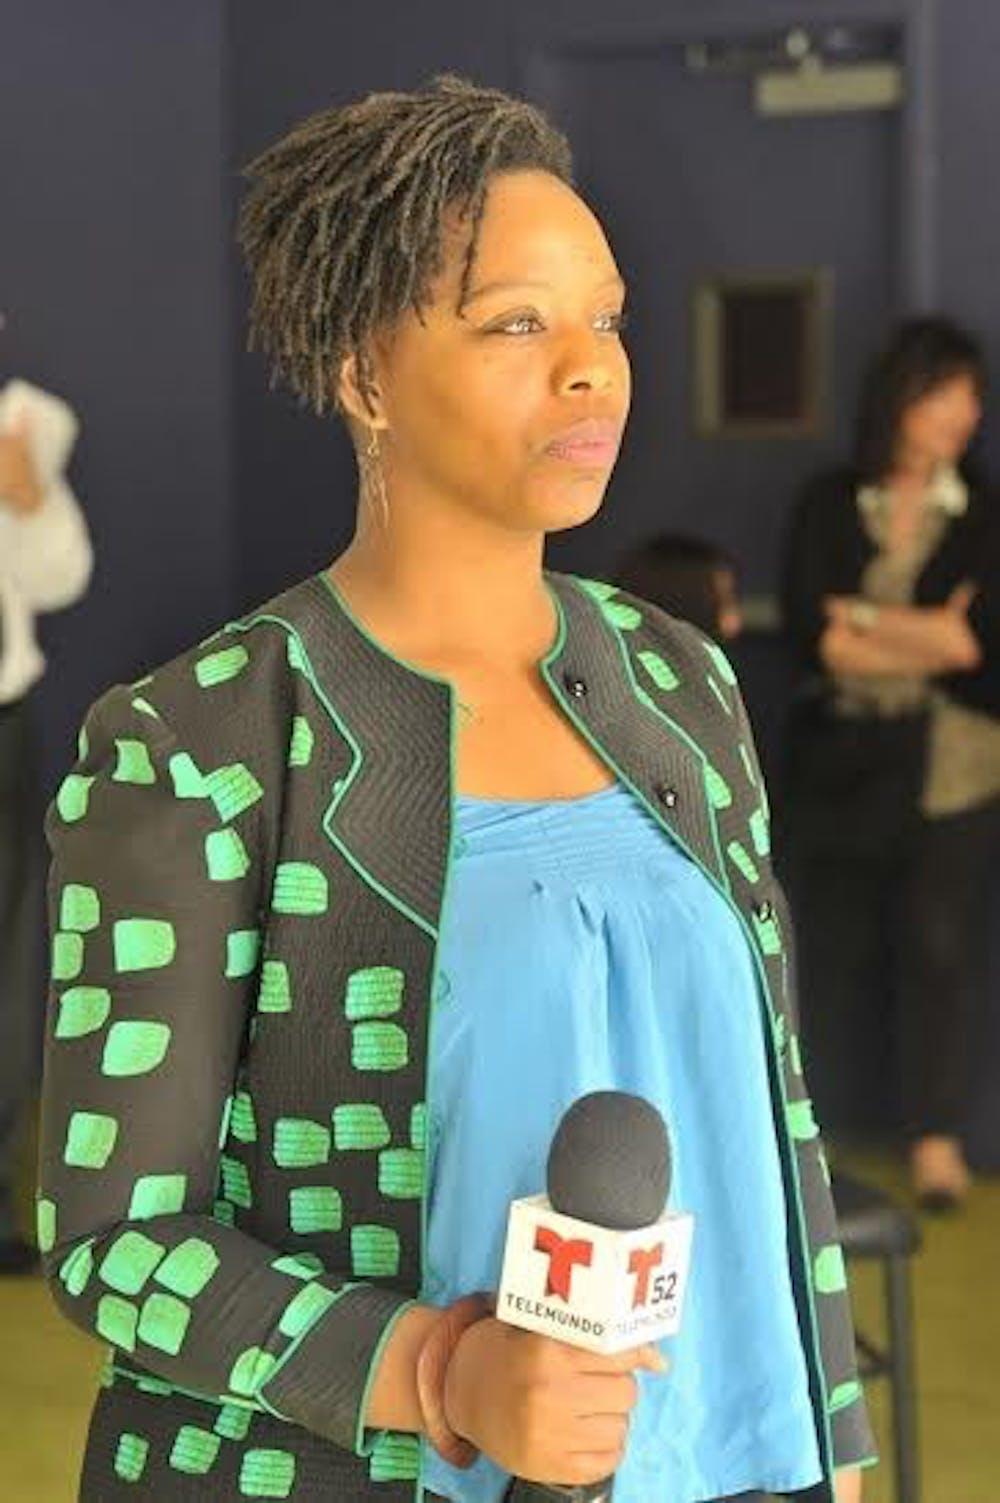 Black Lives Matter co-founder speaking at AU